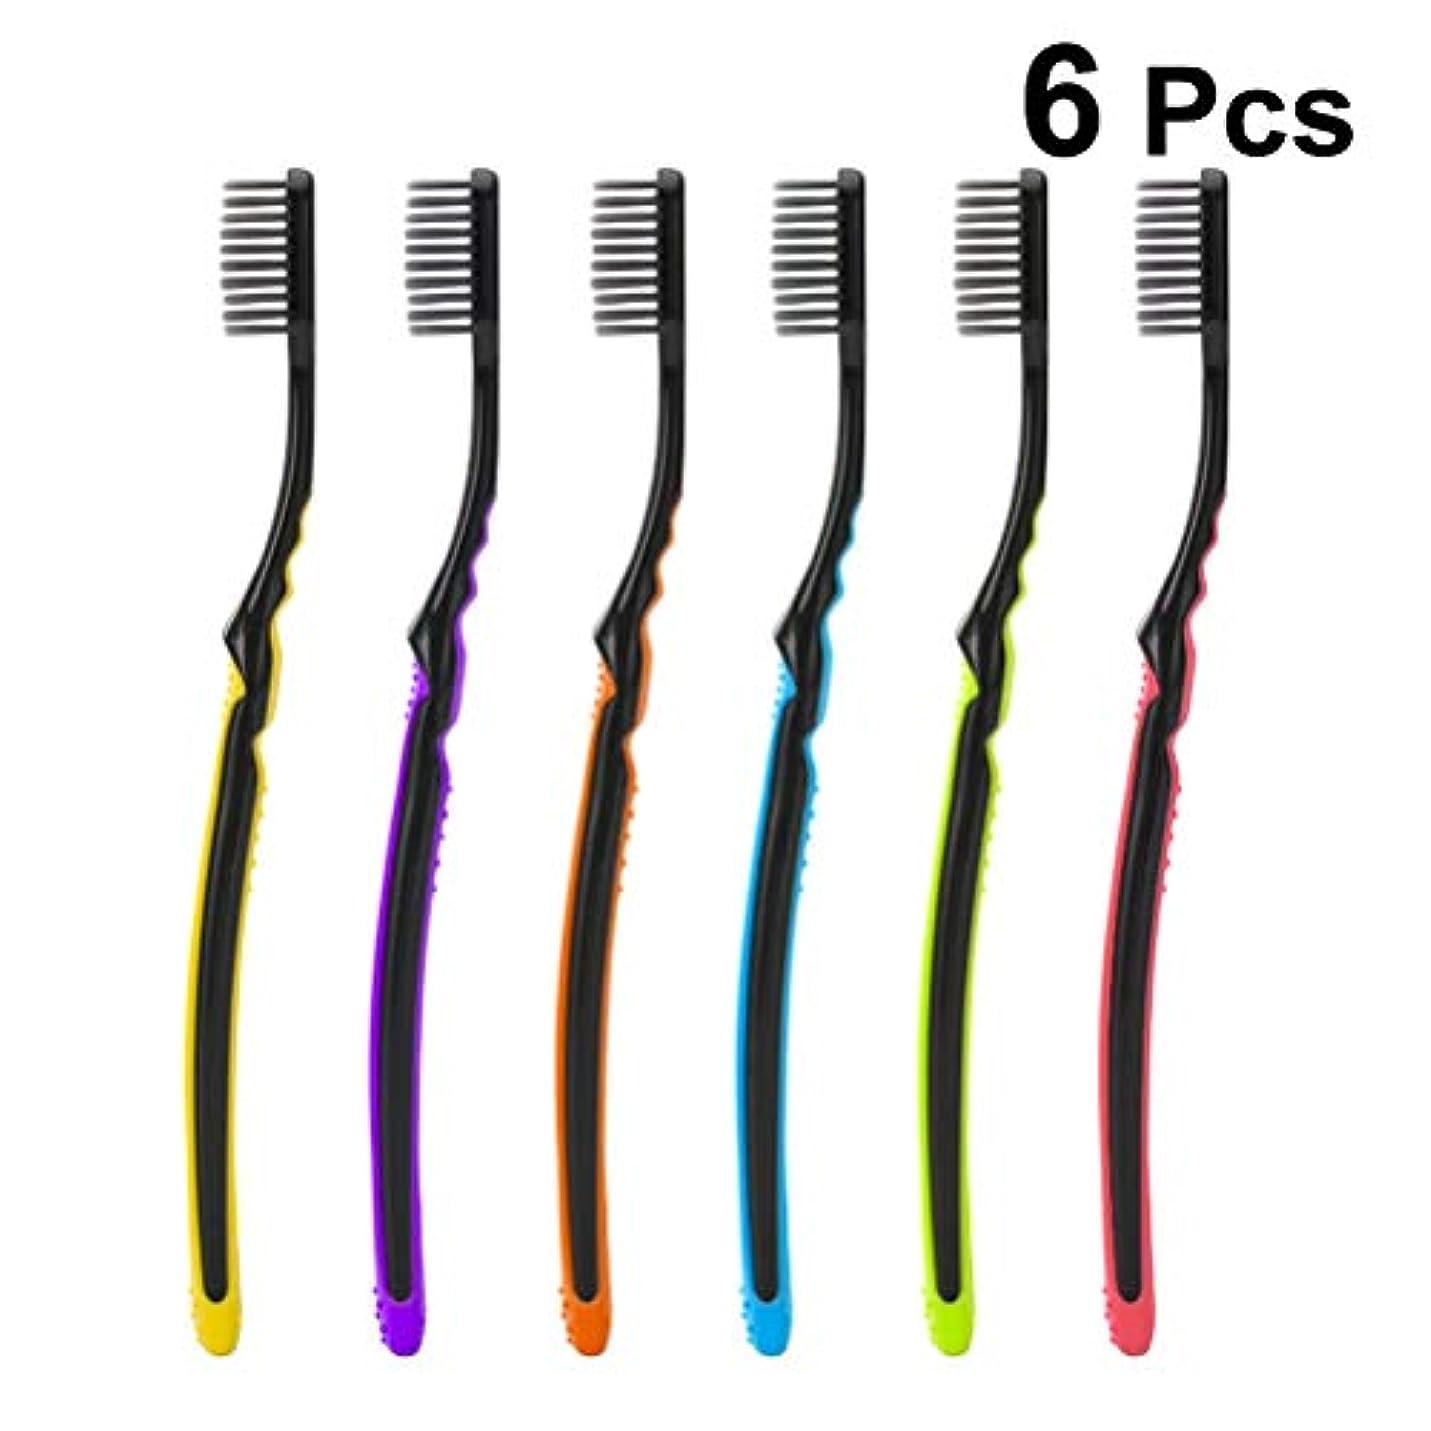 スカート葉過度にSUPVOX 深く口腔クリーニングセットのための6本の柔らかい手動歯ブラシ歯ブラシ